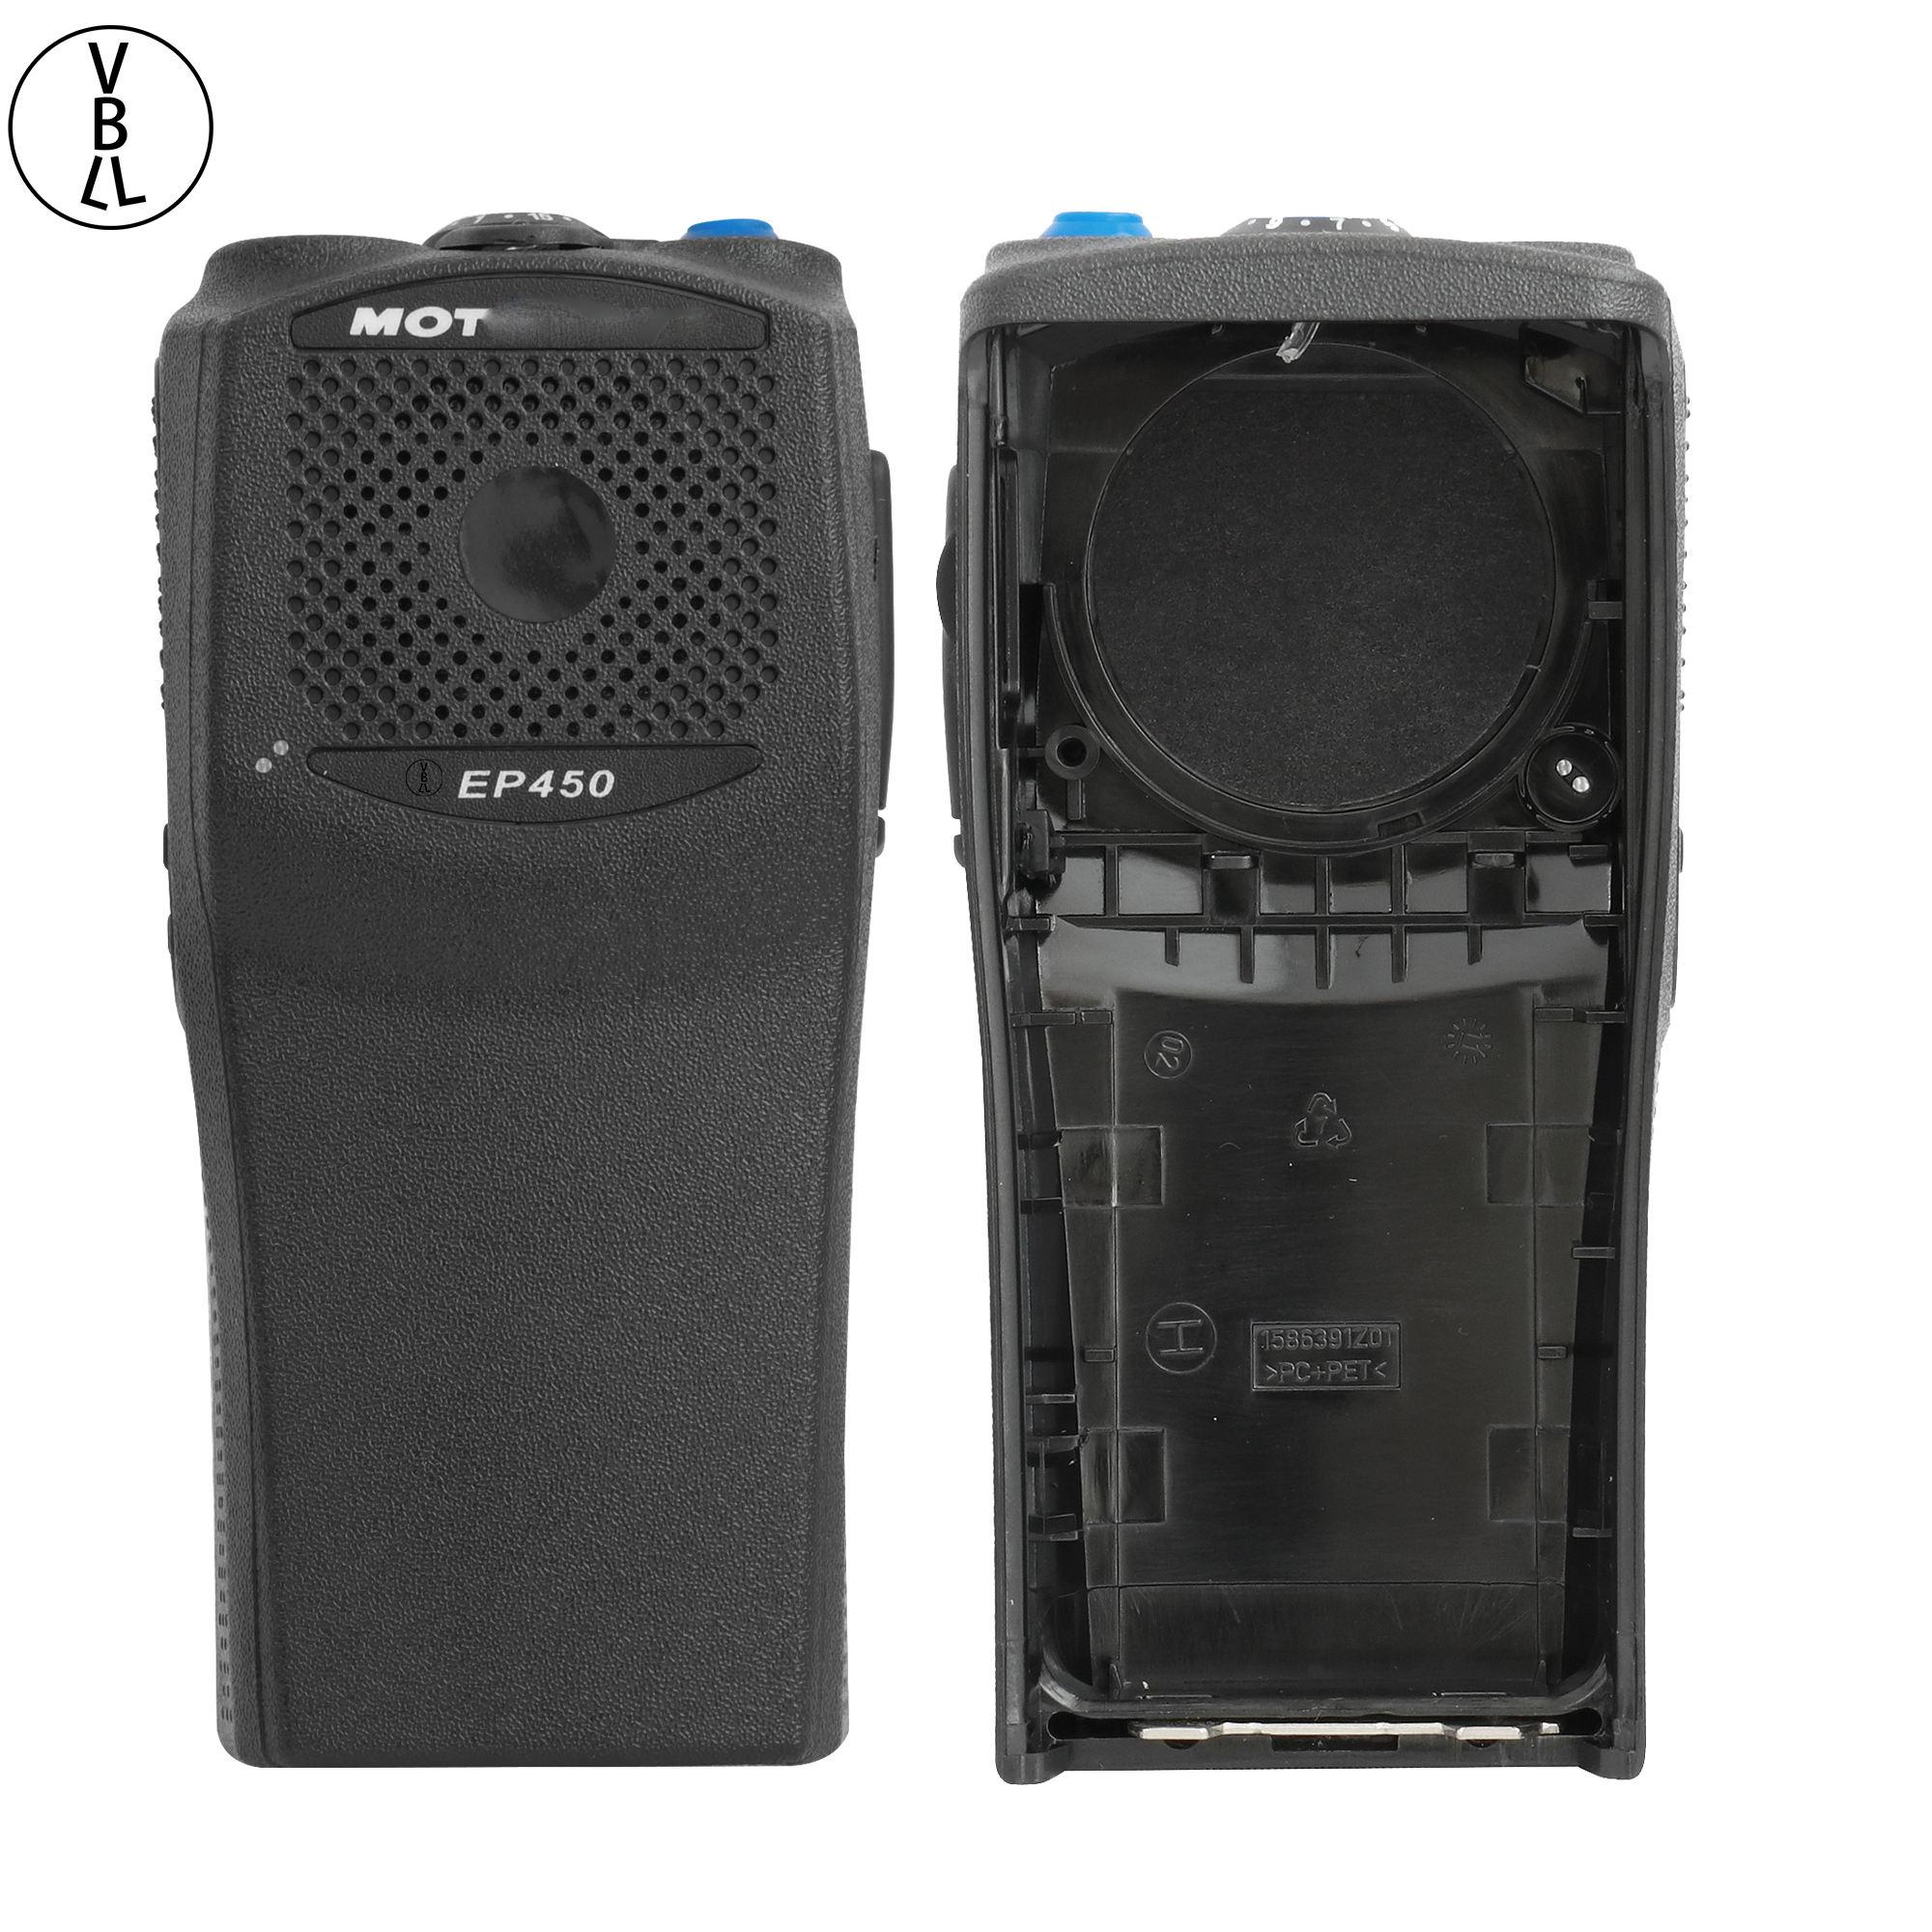 DEP450 Replacement MOTOROLA Housing Case Radio Black